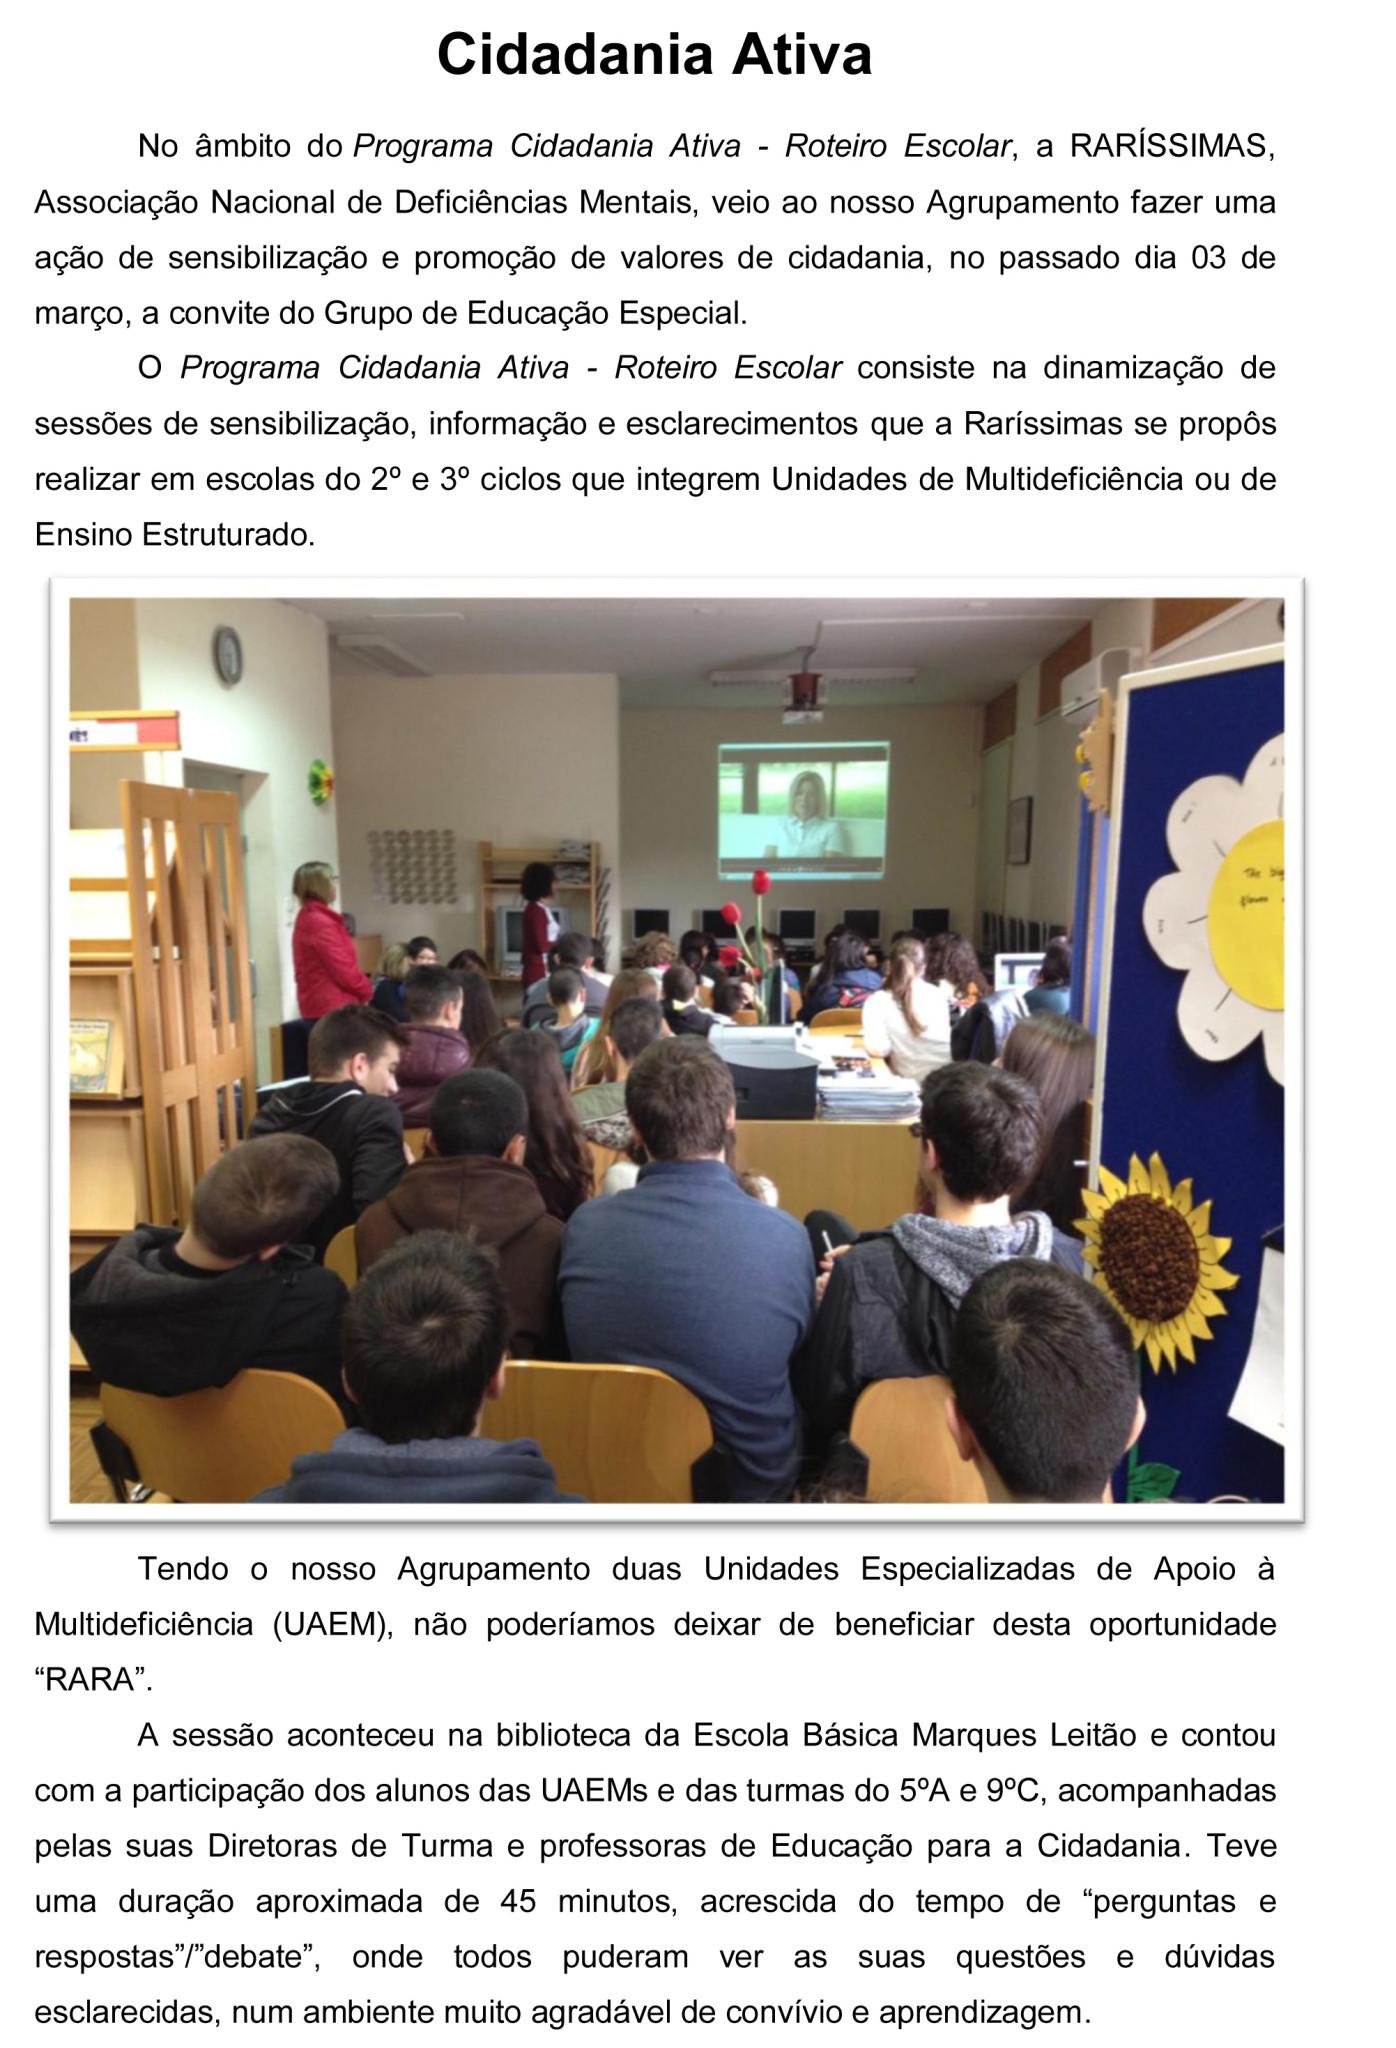 Notícia Raríssimas - 03 de março 2015-1